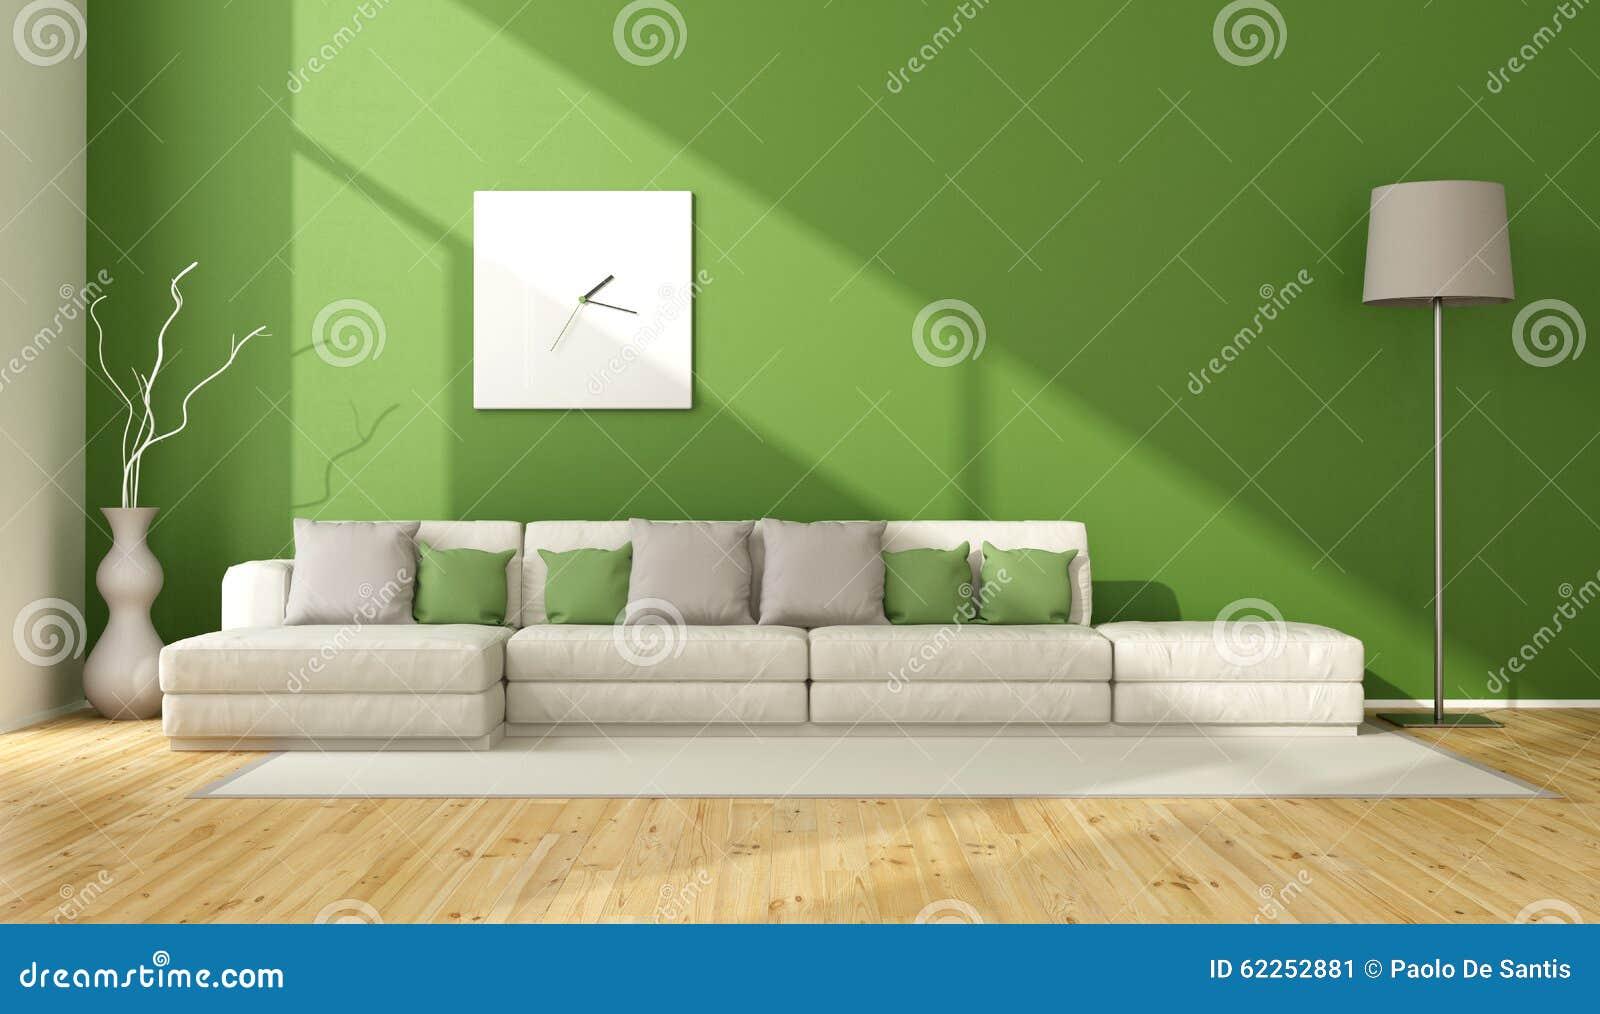 zeitgenössisches grünes wohnzimmer stock abbildung - bild: 62252881, Wohnzimmer